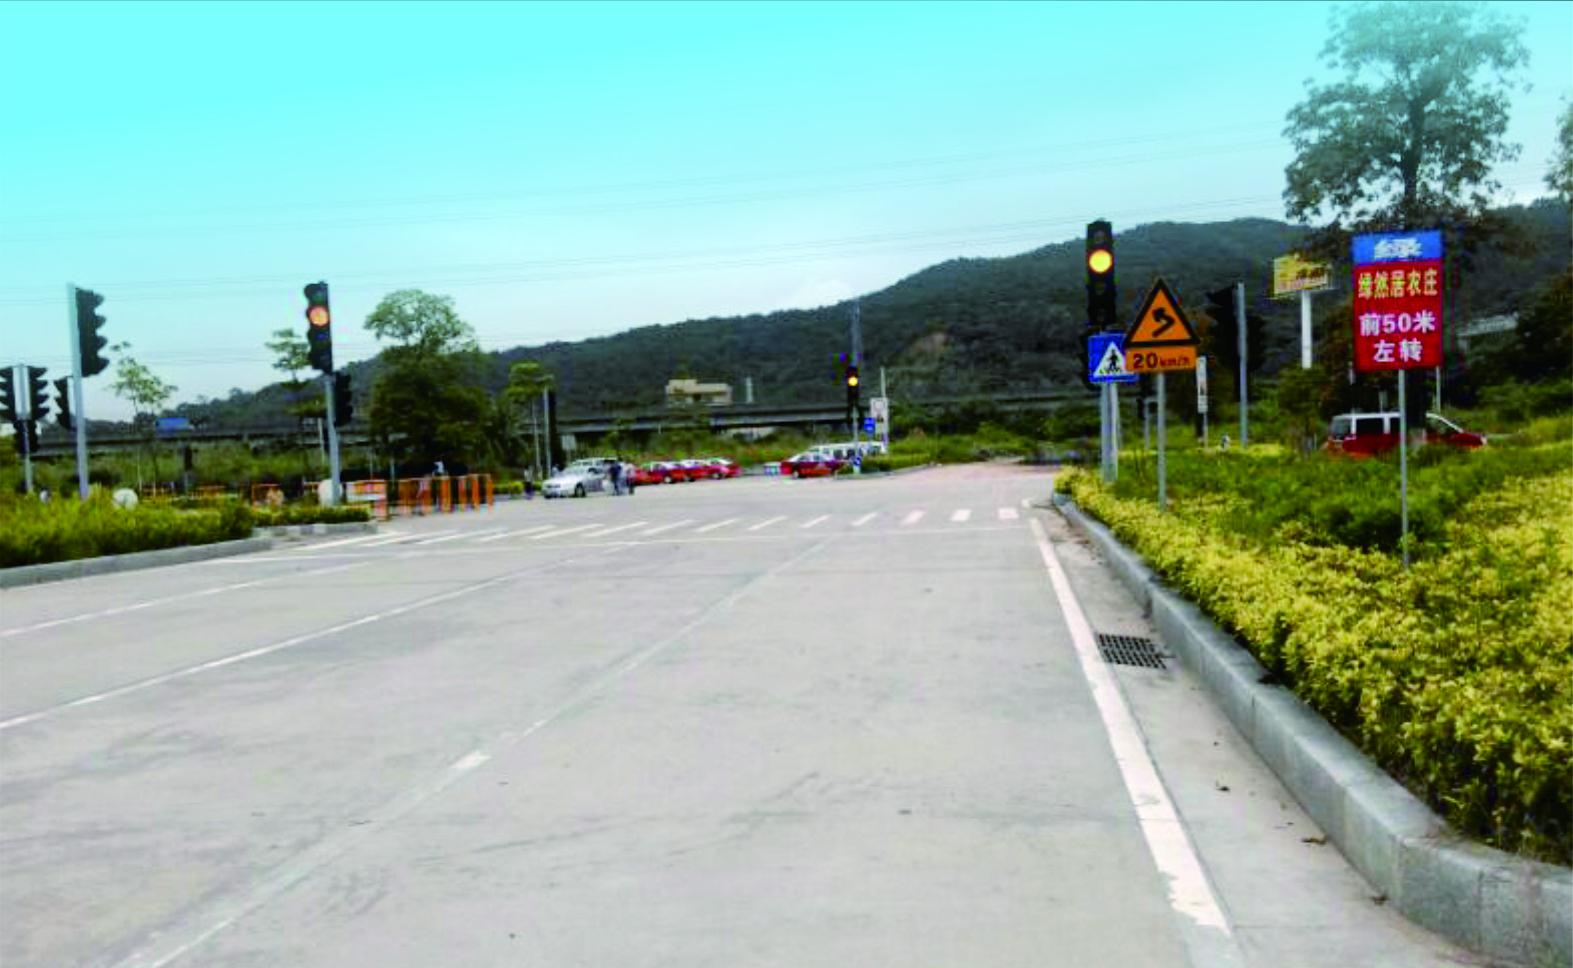 广东省中山市市政工程建设中心轻轨中山站道路